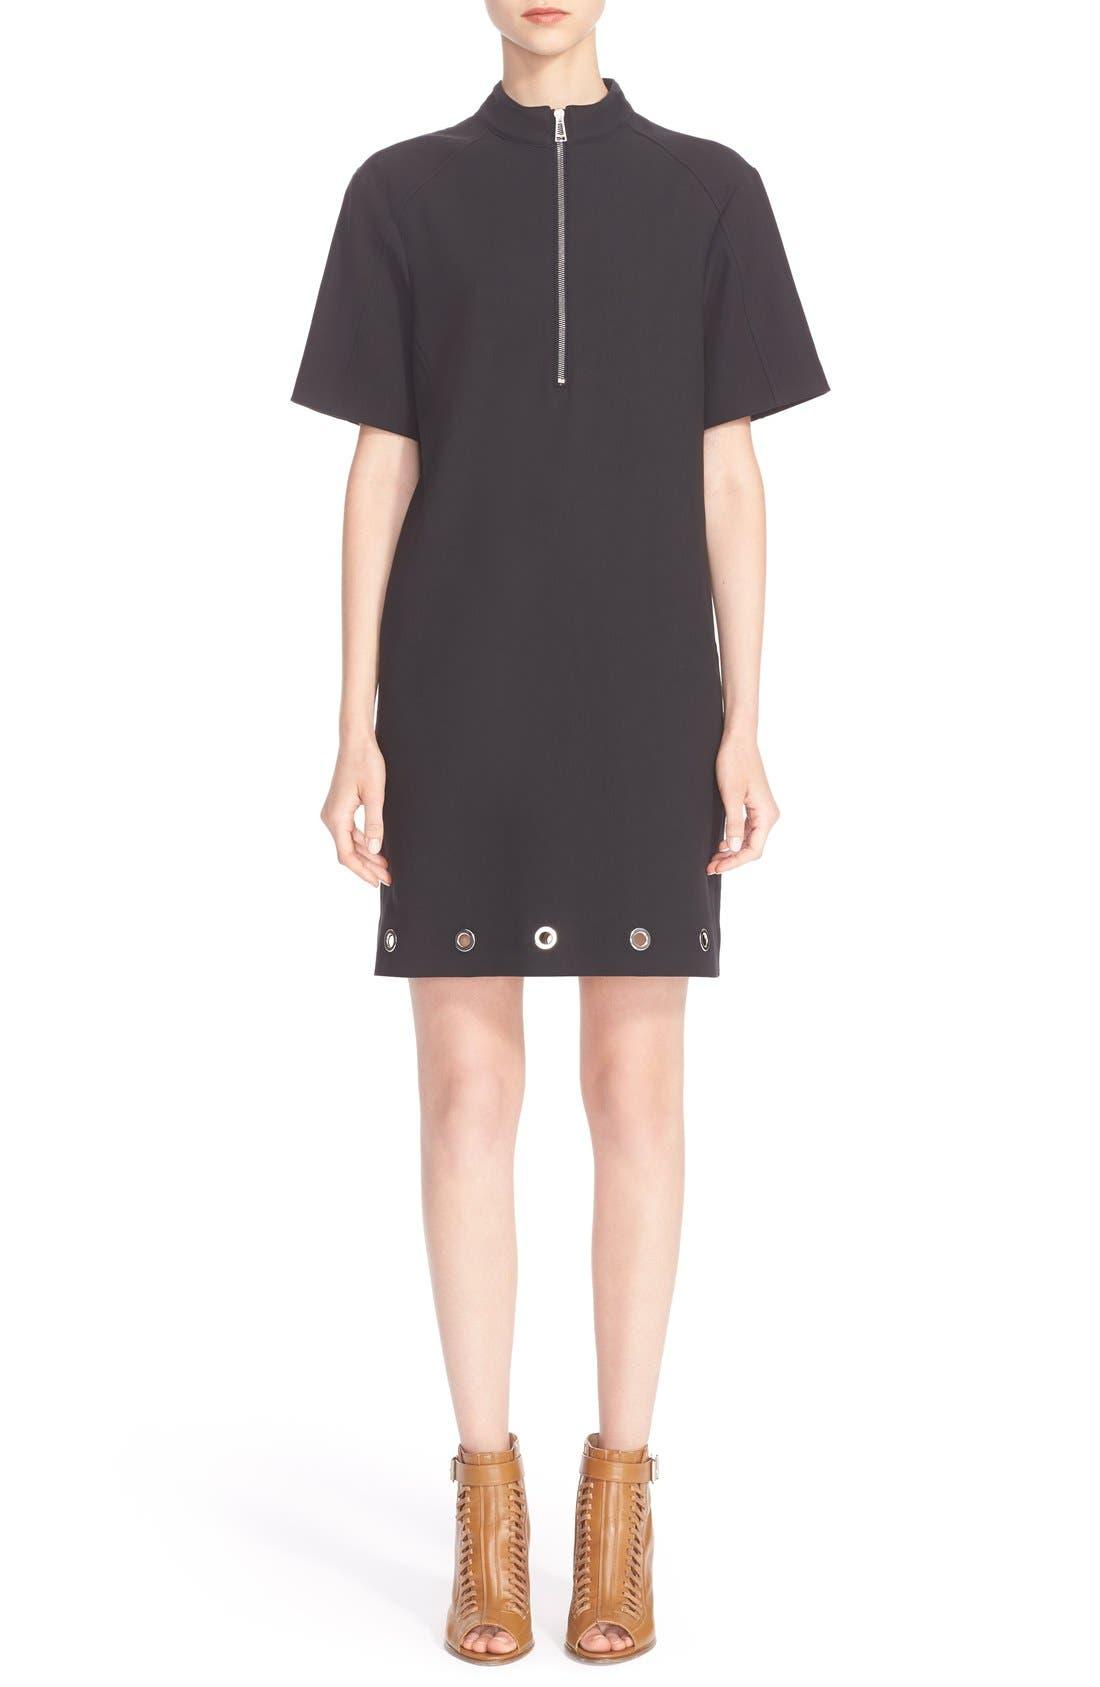 BELSTAFF, Grommet Detail Stretch Cotton Shift Dress, Main thumbnail 1, color, 001